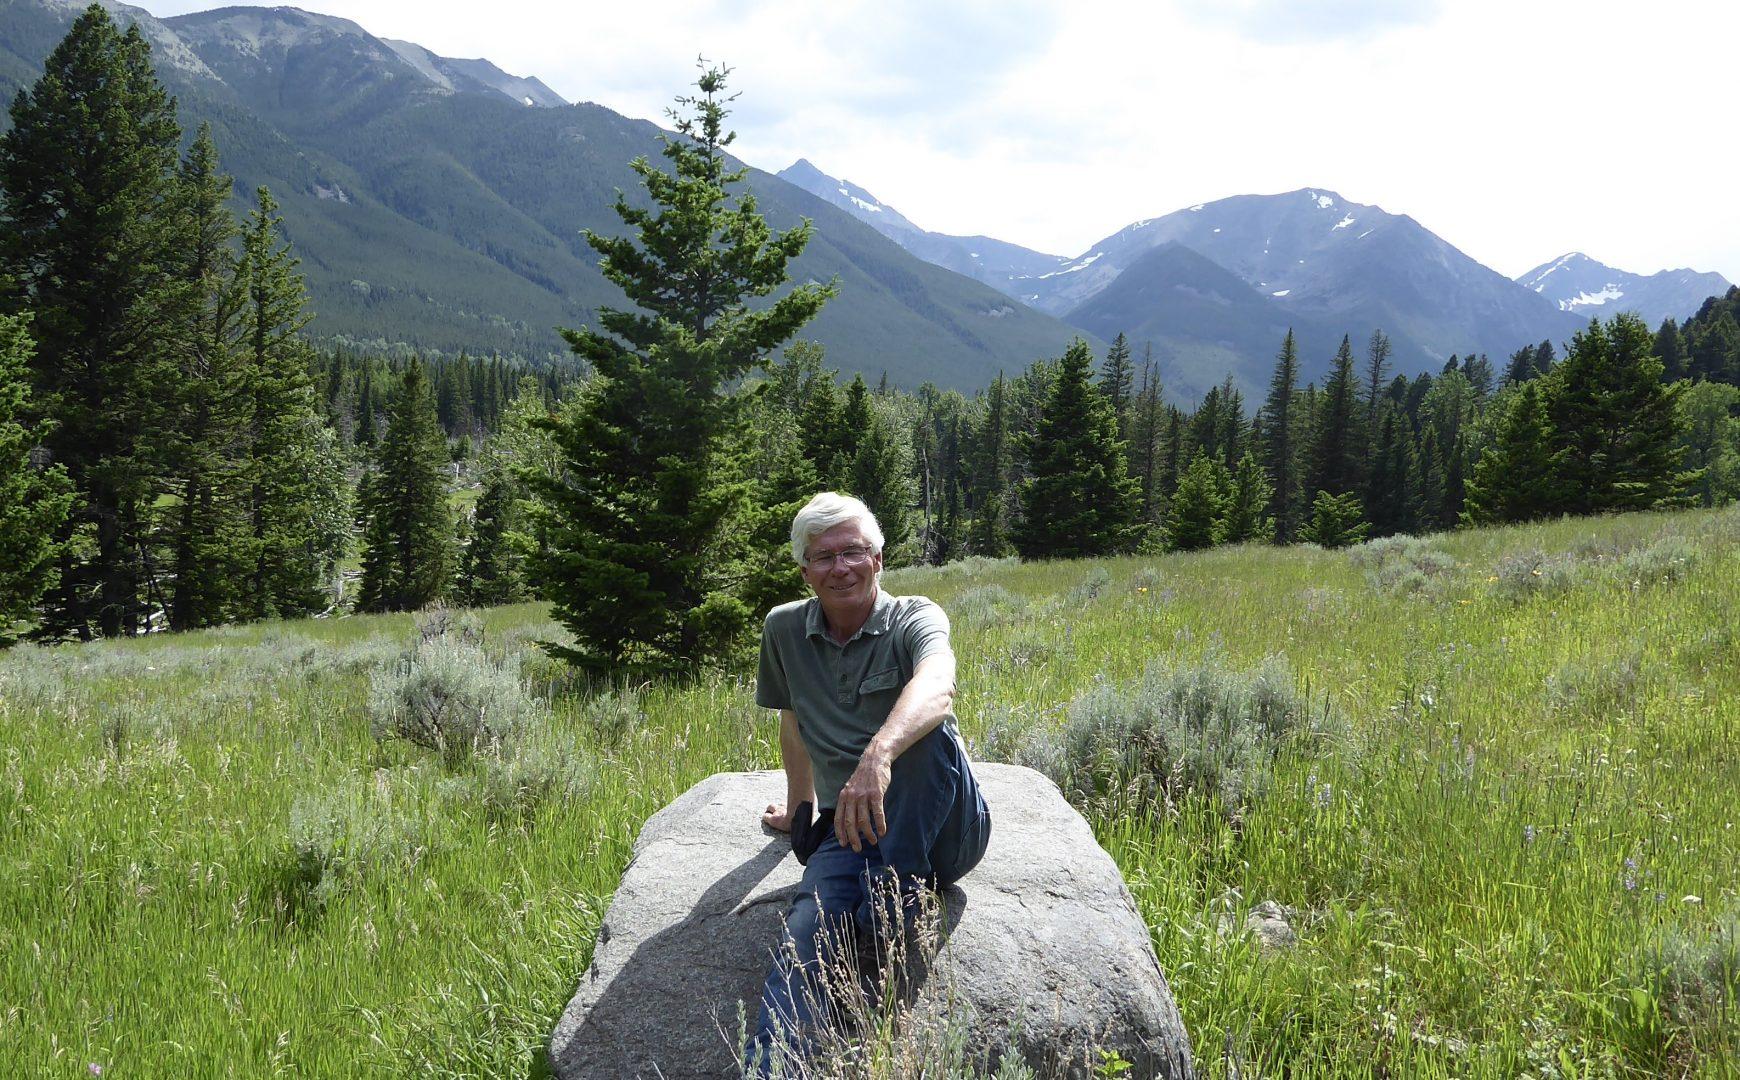 David at his favorite vacation spot in Montana